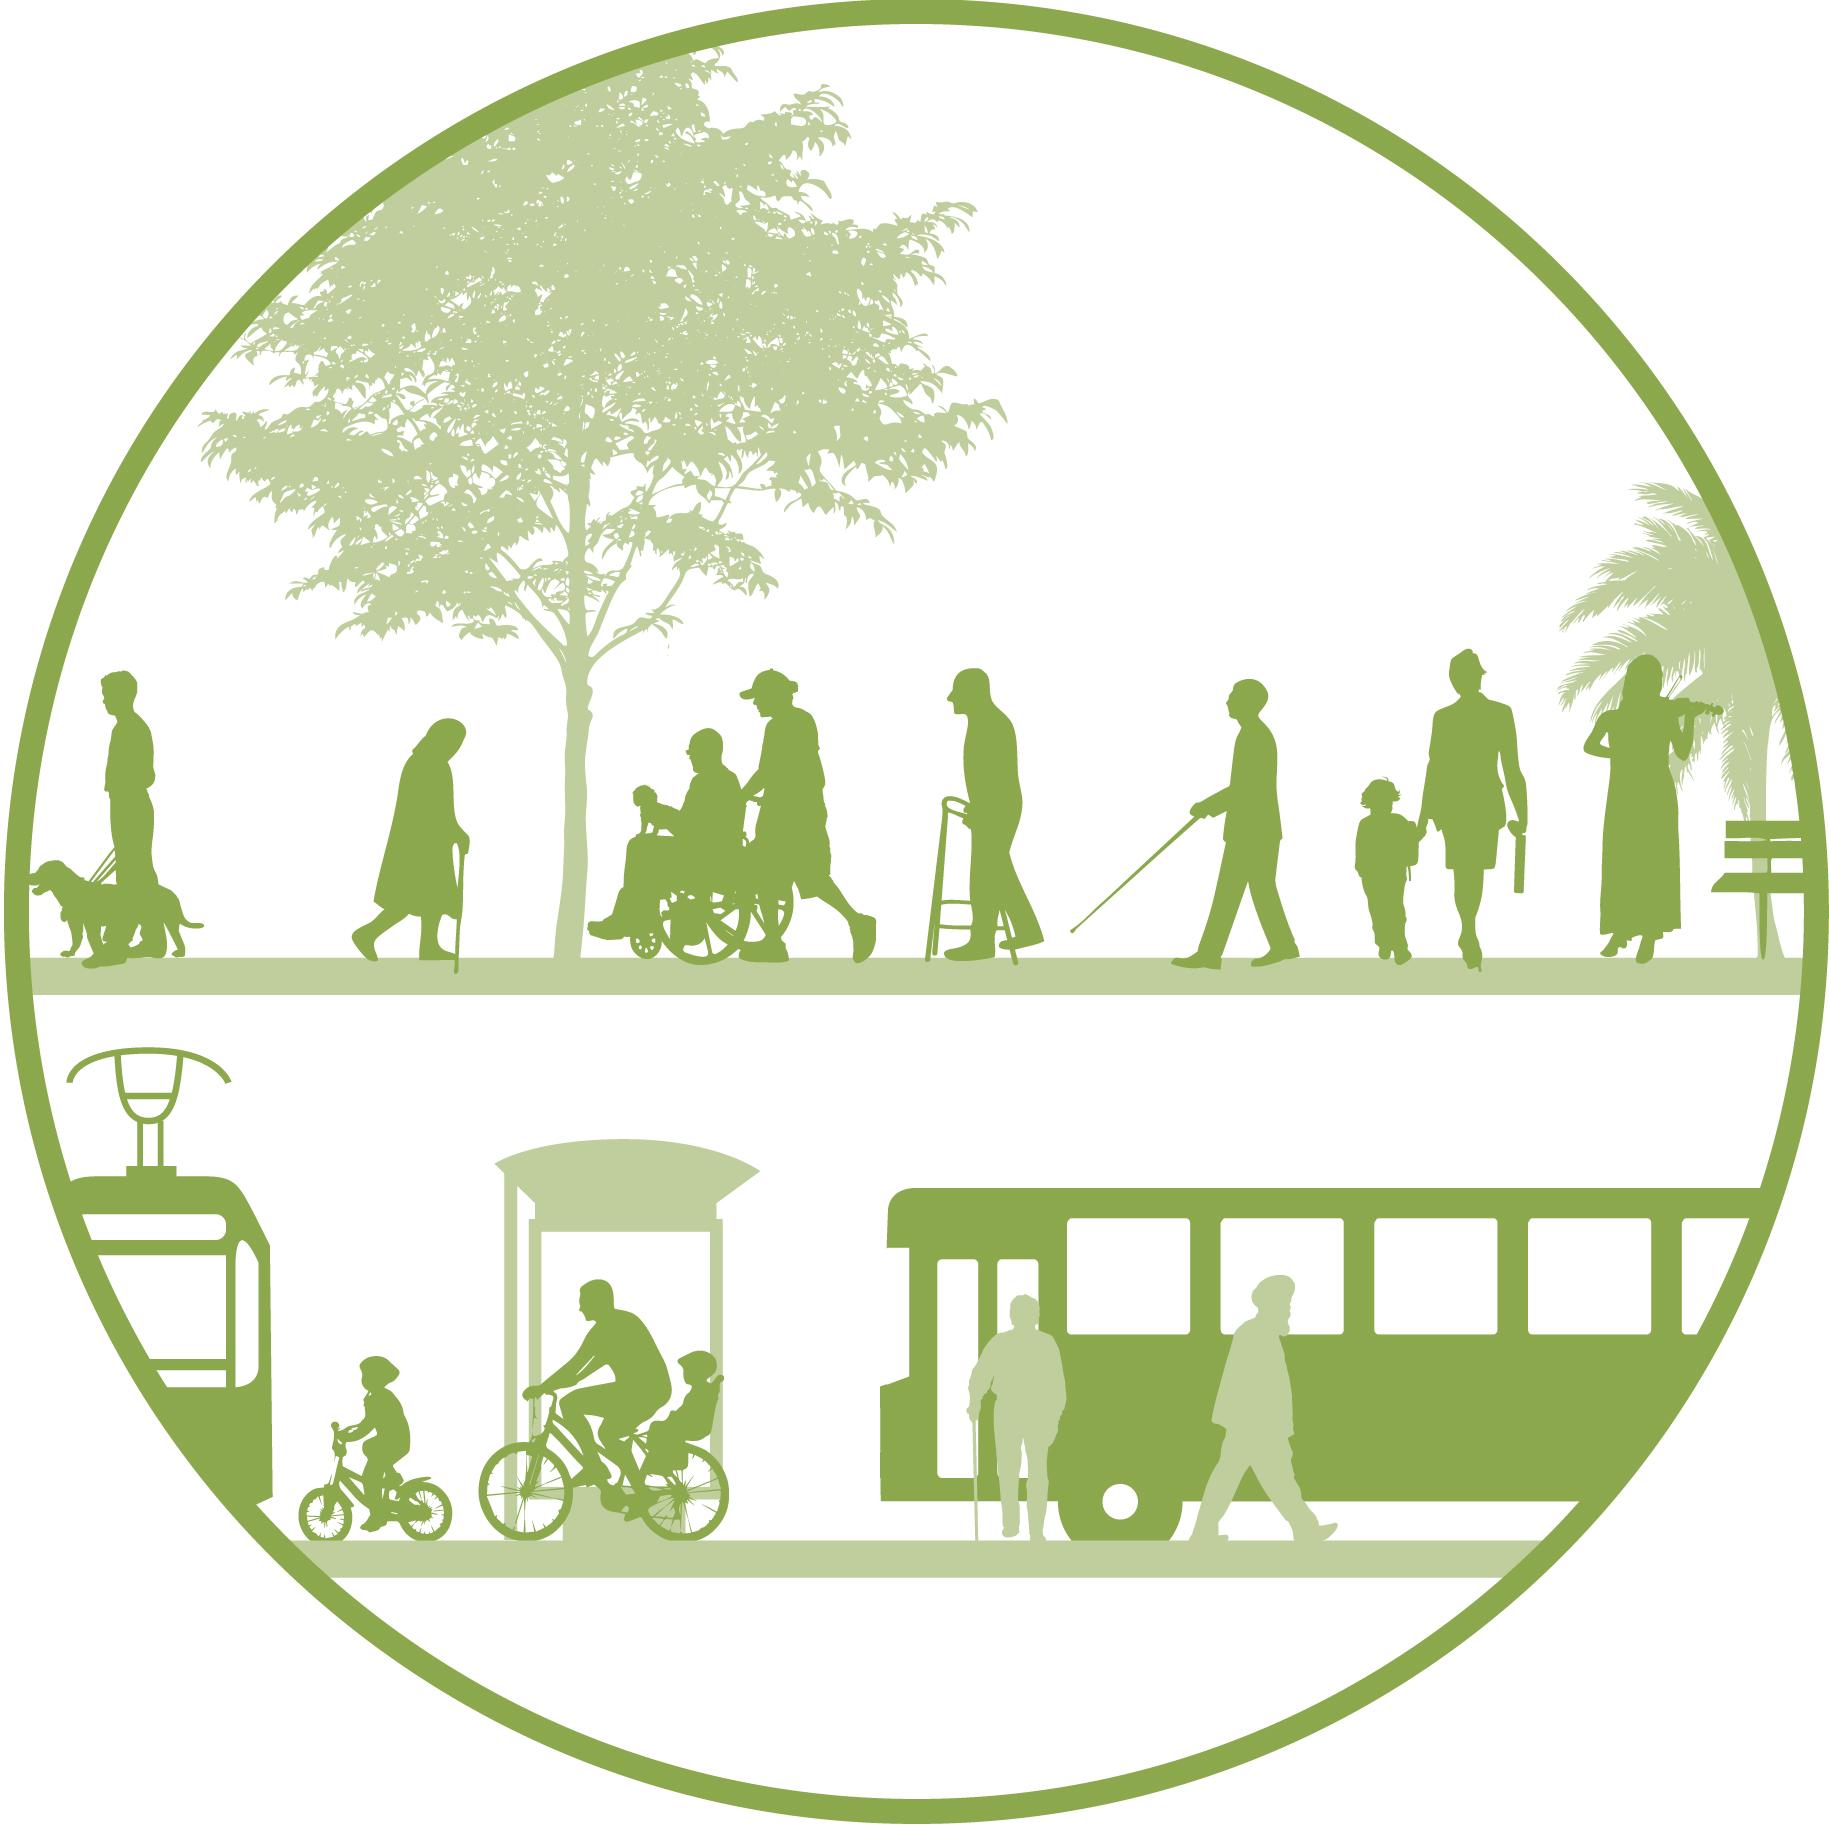 Transit Street Principles-01